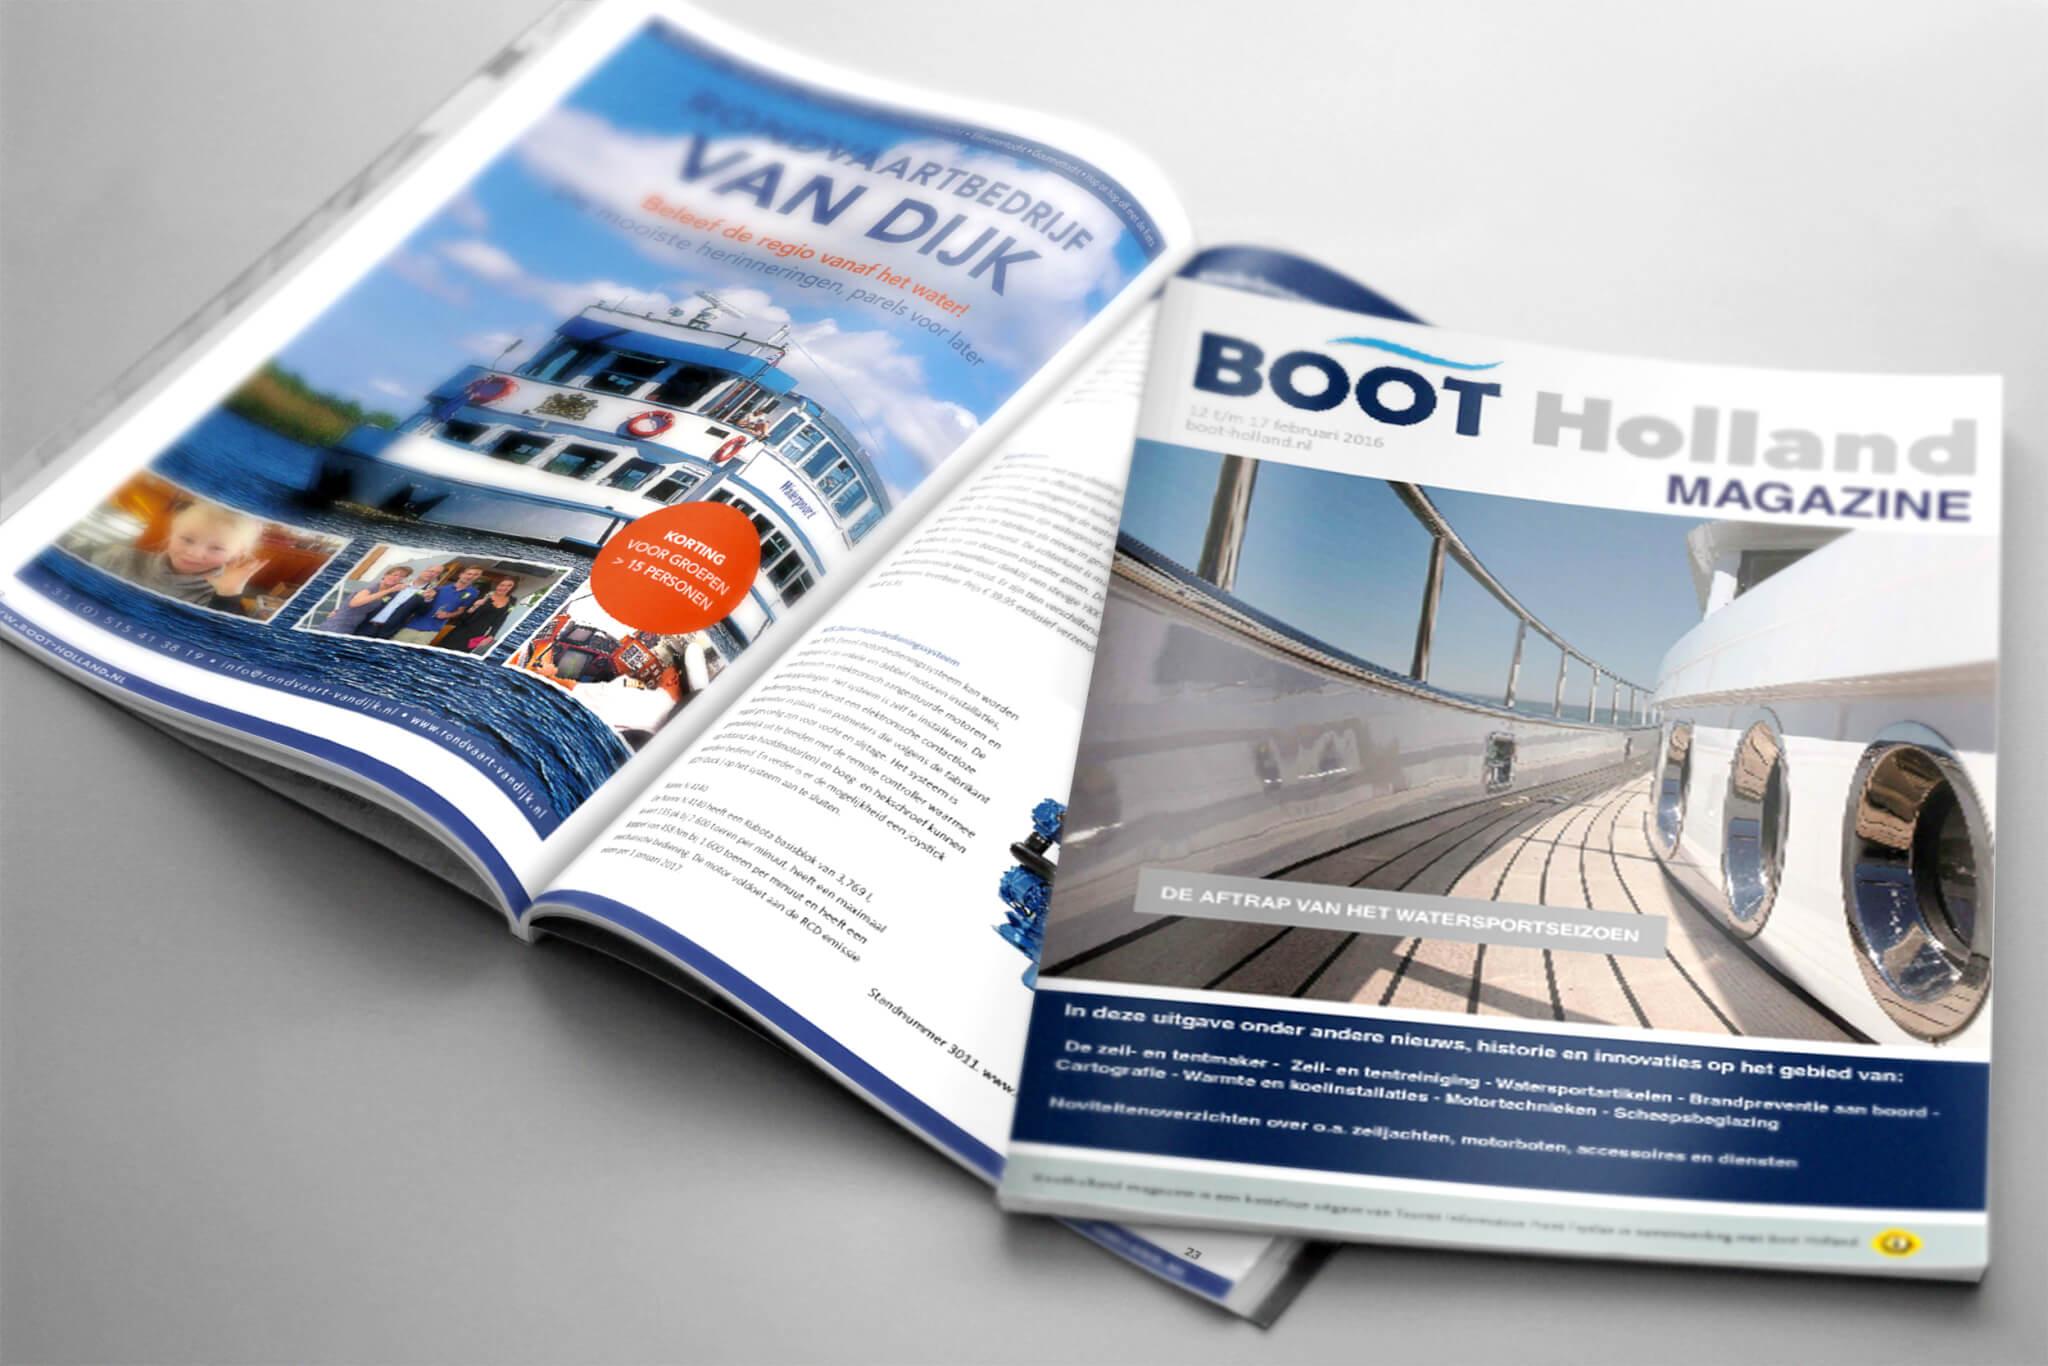 BootHolland Magazine